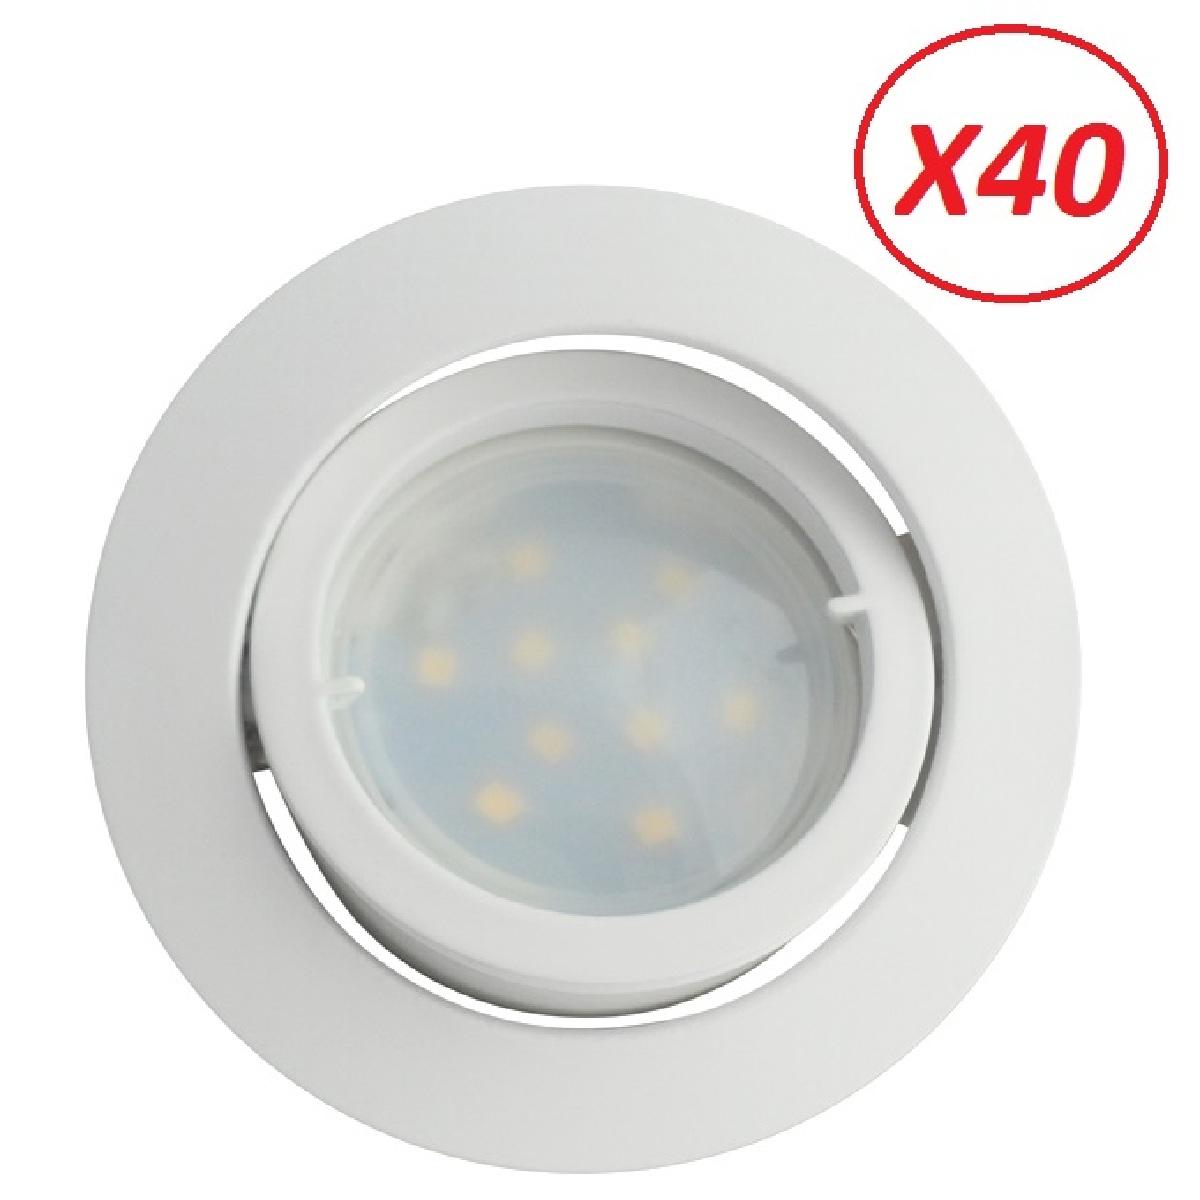 Lampesecoenergie Lot de 40 Spot Led Encastrable Complete Blanc Orientable lumière Blanc Neutre eq. 50W ref.888